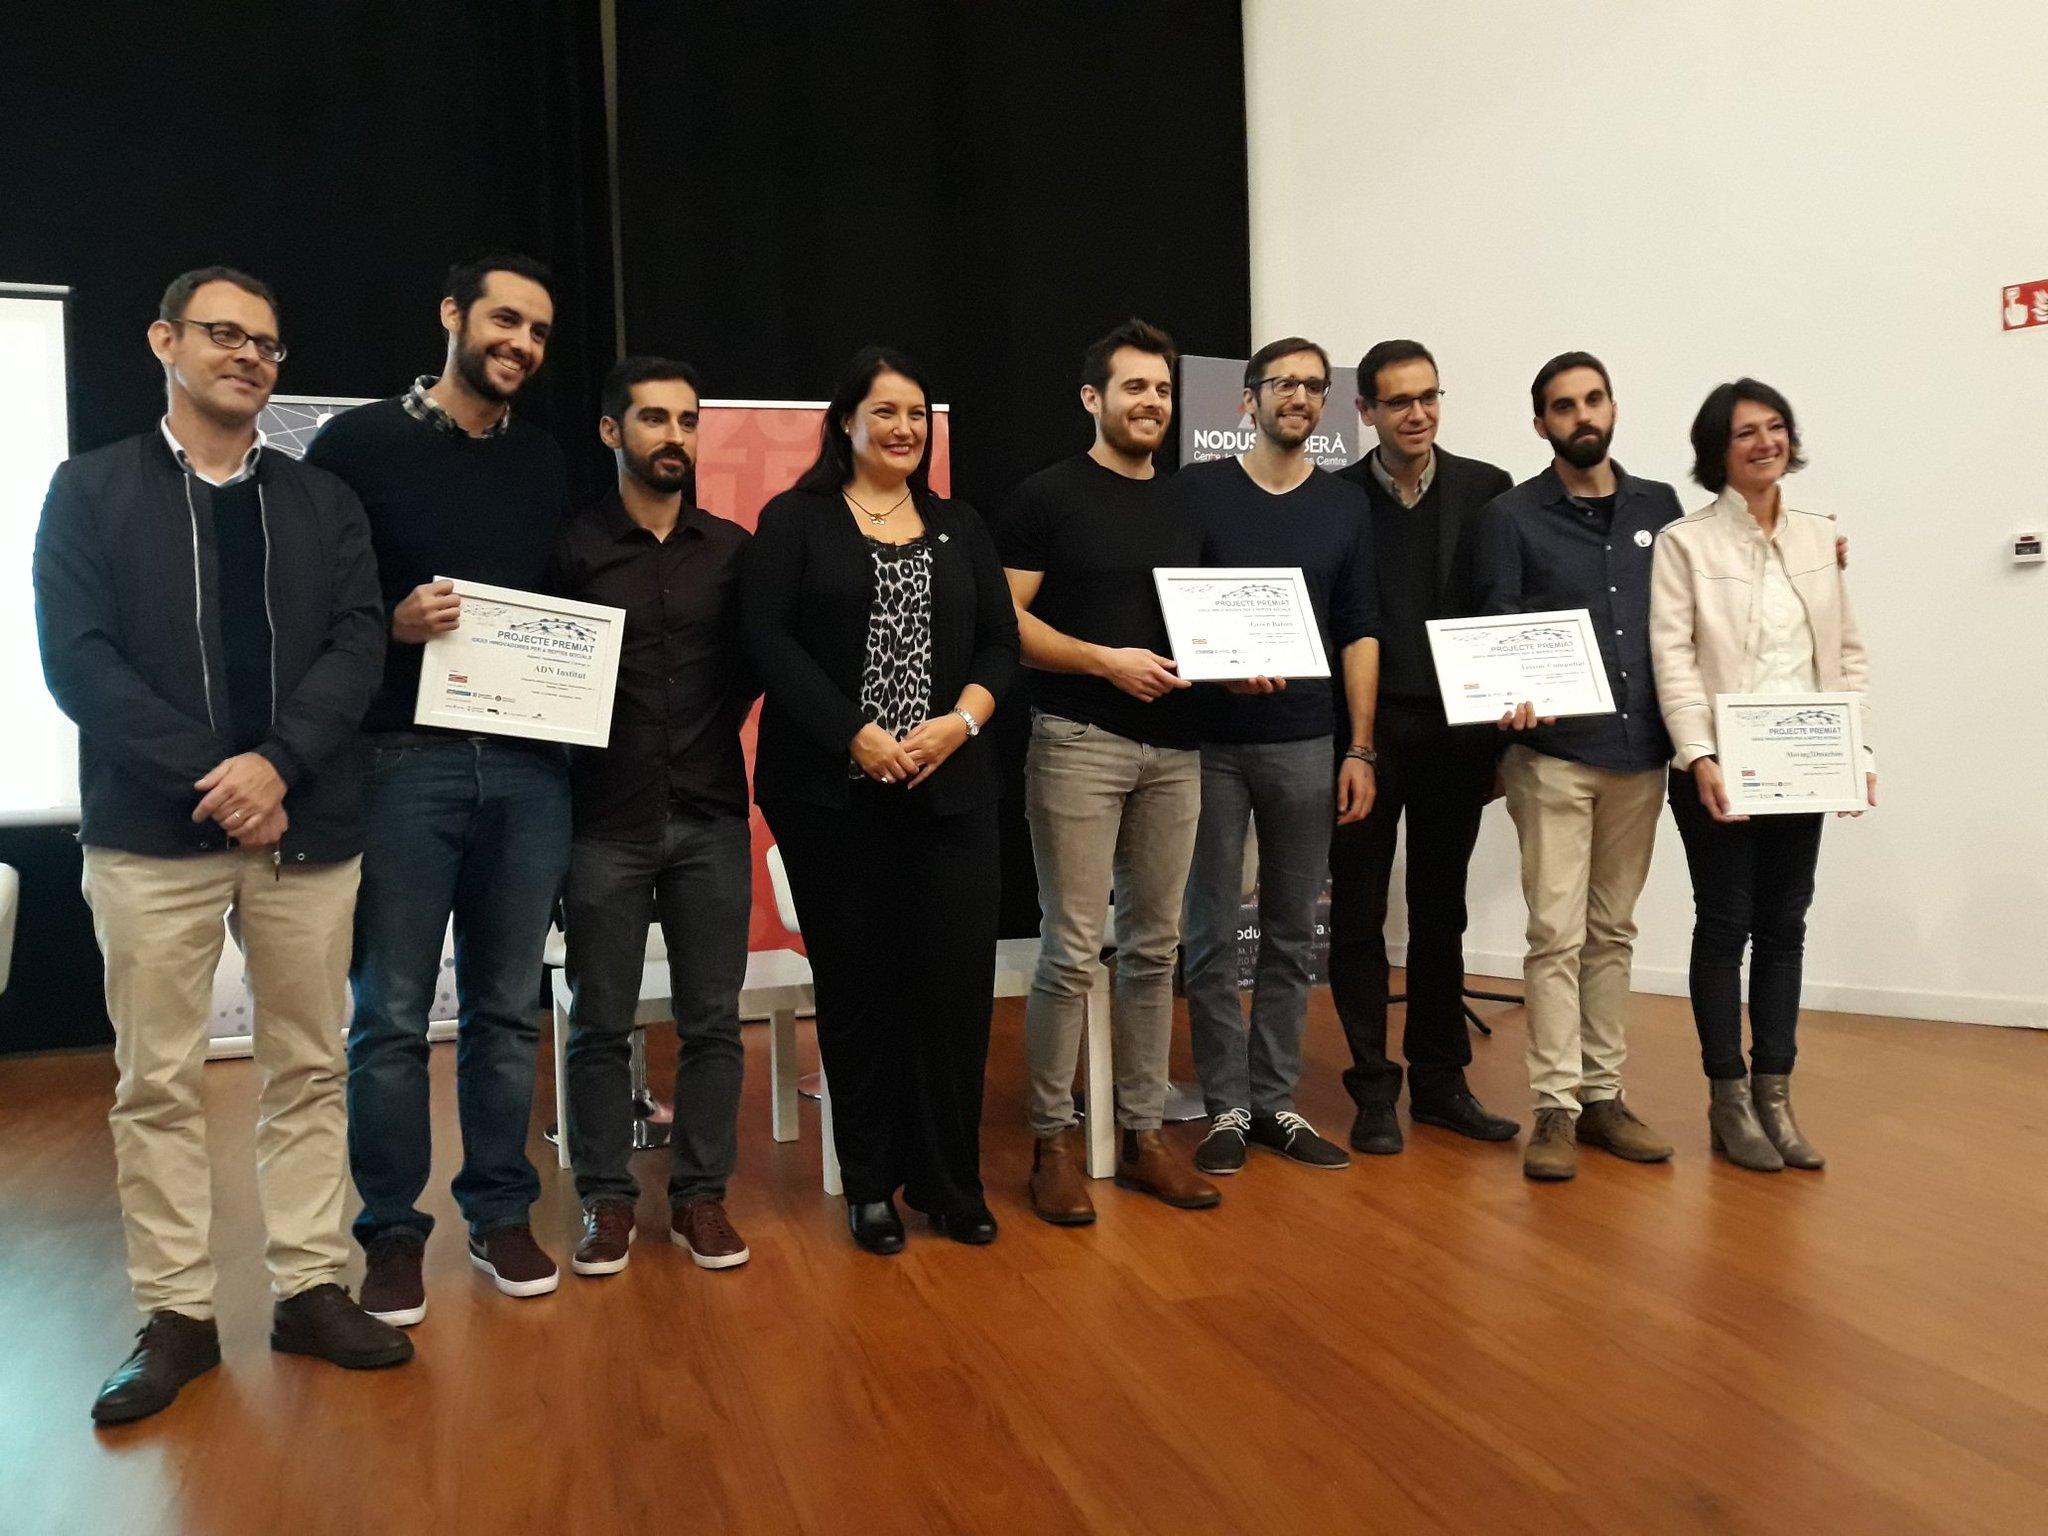 El 5è Concurs d'Idees Innovadores ja té els 4 guanyadors!